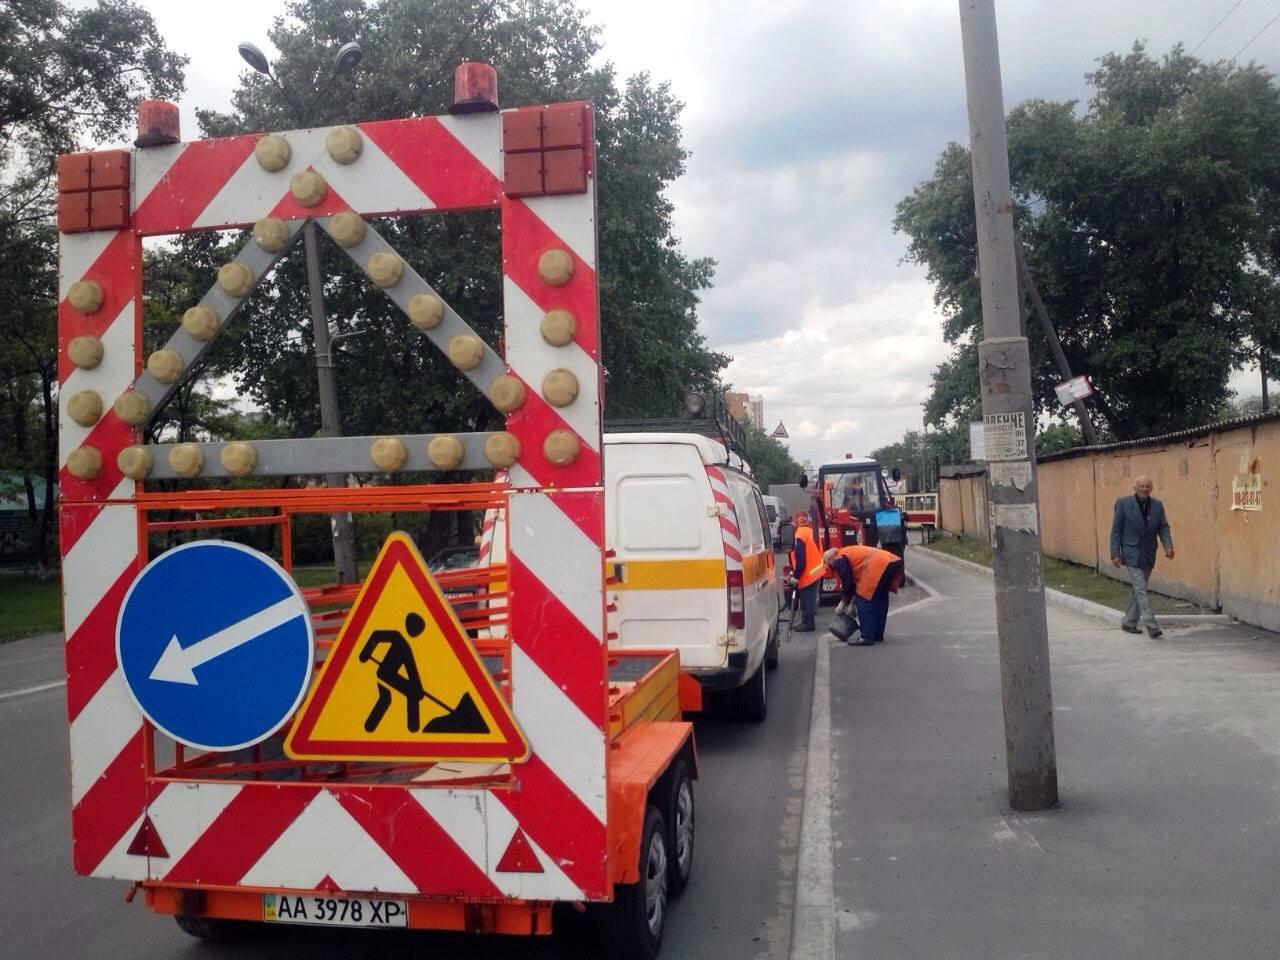 «Киевавтодор» сообщил о перекрытиях дорог 21 и 22 мая: http://autonews.autoua.net/novosti/13477-kievavtodor-soobshil-o-perekrytiyah-dorog-21-i-22-maya.html